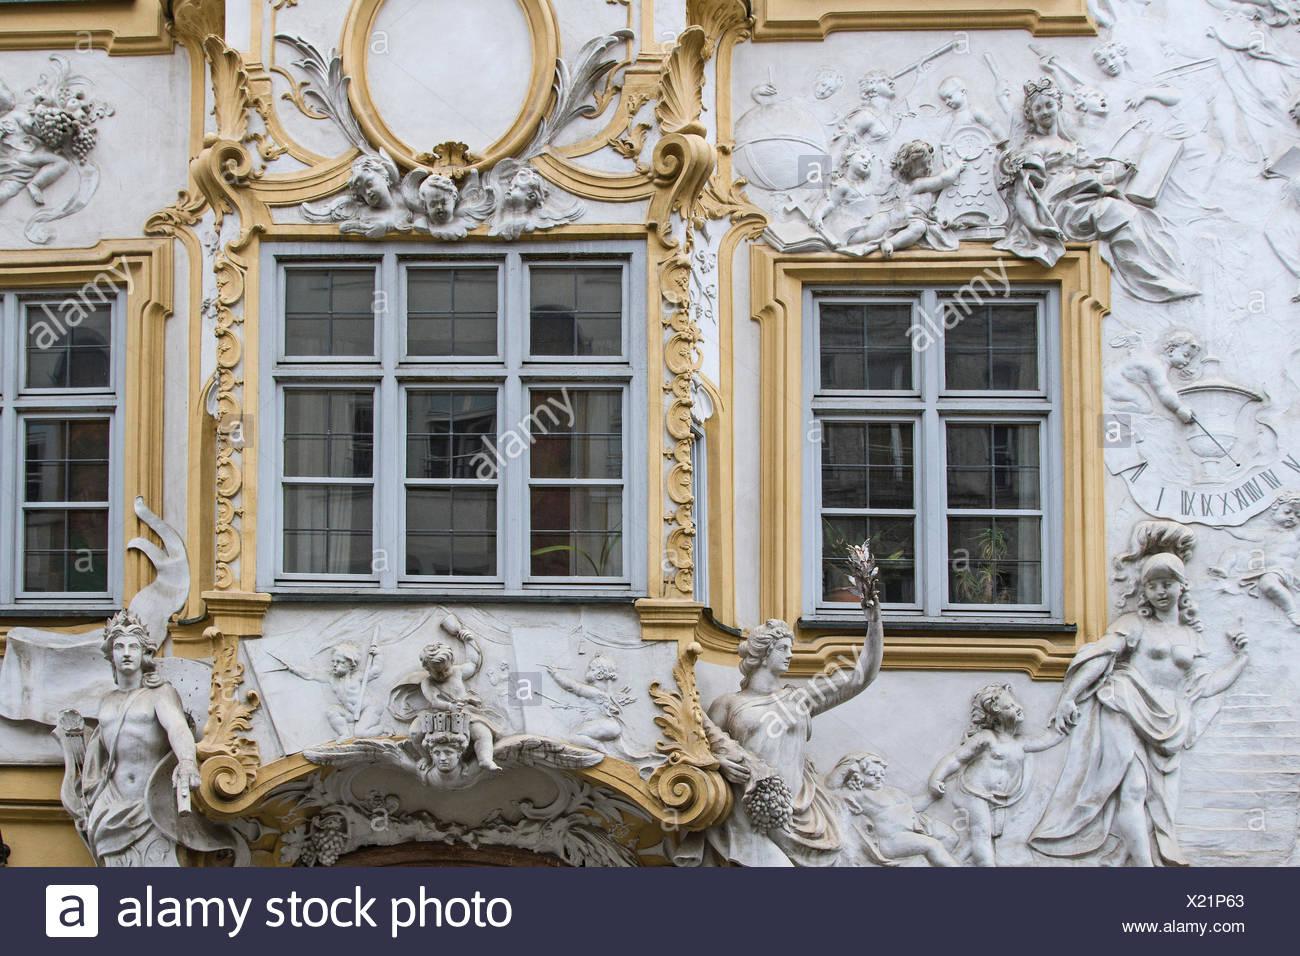 Das Asamhaus, in dem das berühmte Architektenbrüderpaar Asam  wohnte befindet sich neben der von ihnen errichteten St.-Johann-Nepomuk-Kirche in der Sendlinger Straße in Münchens Altstadt - Stock Image